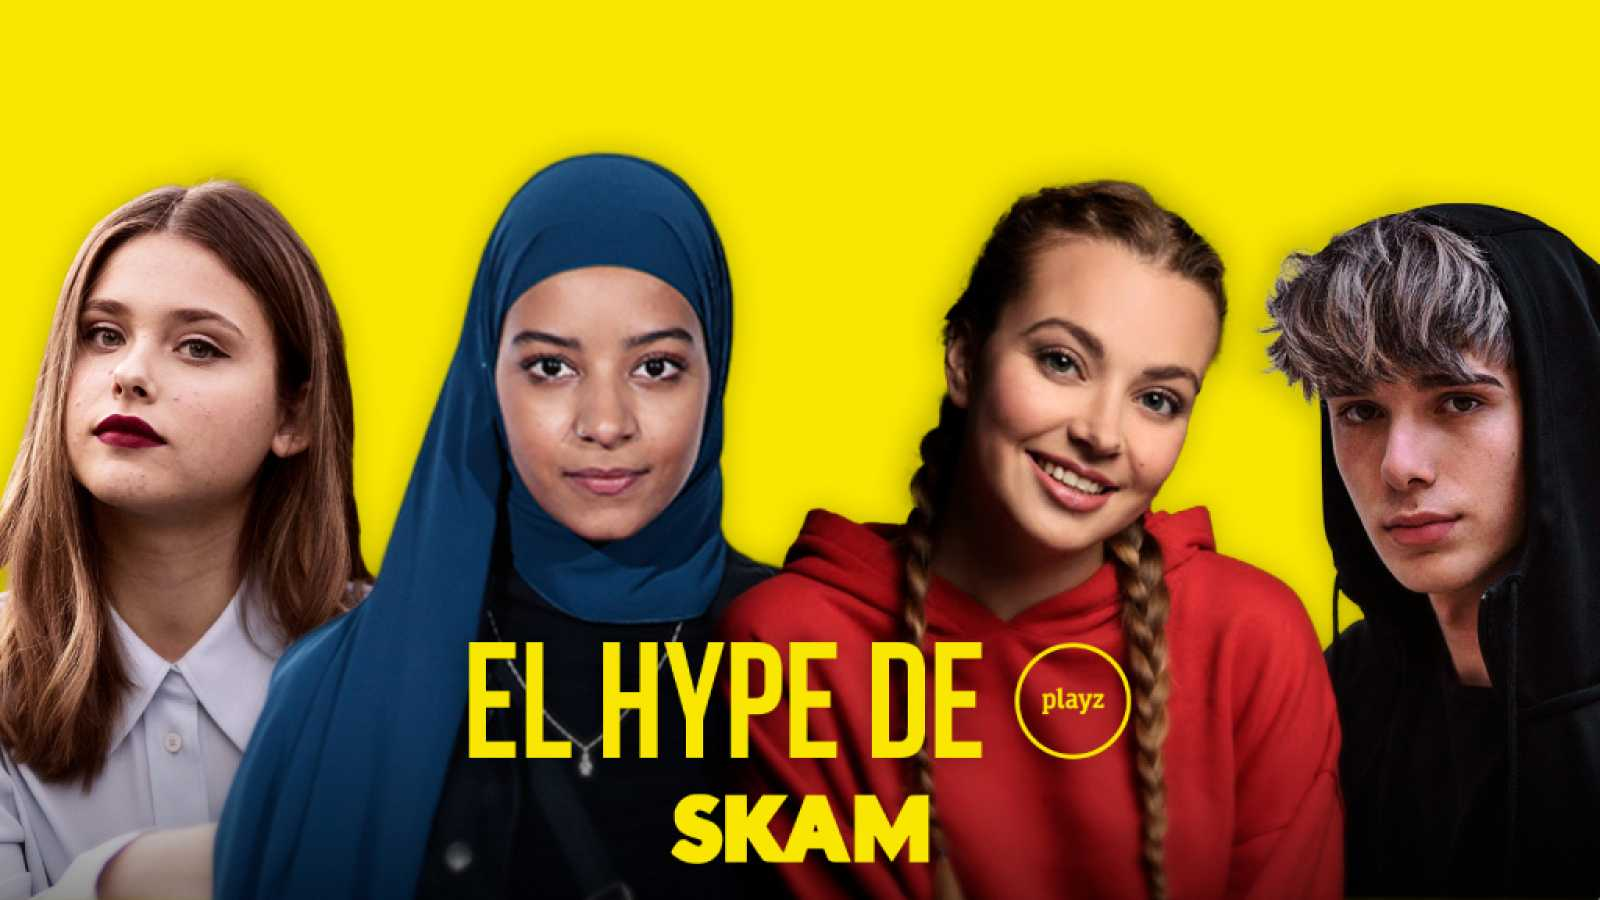 Los protagonistas de 'Skam' desvelan los detalles de la temporada final